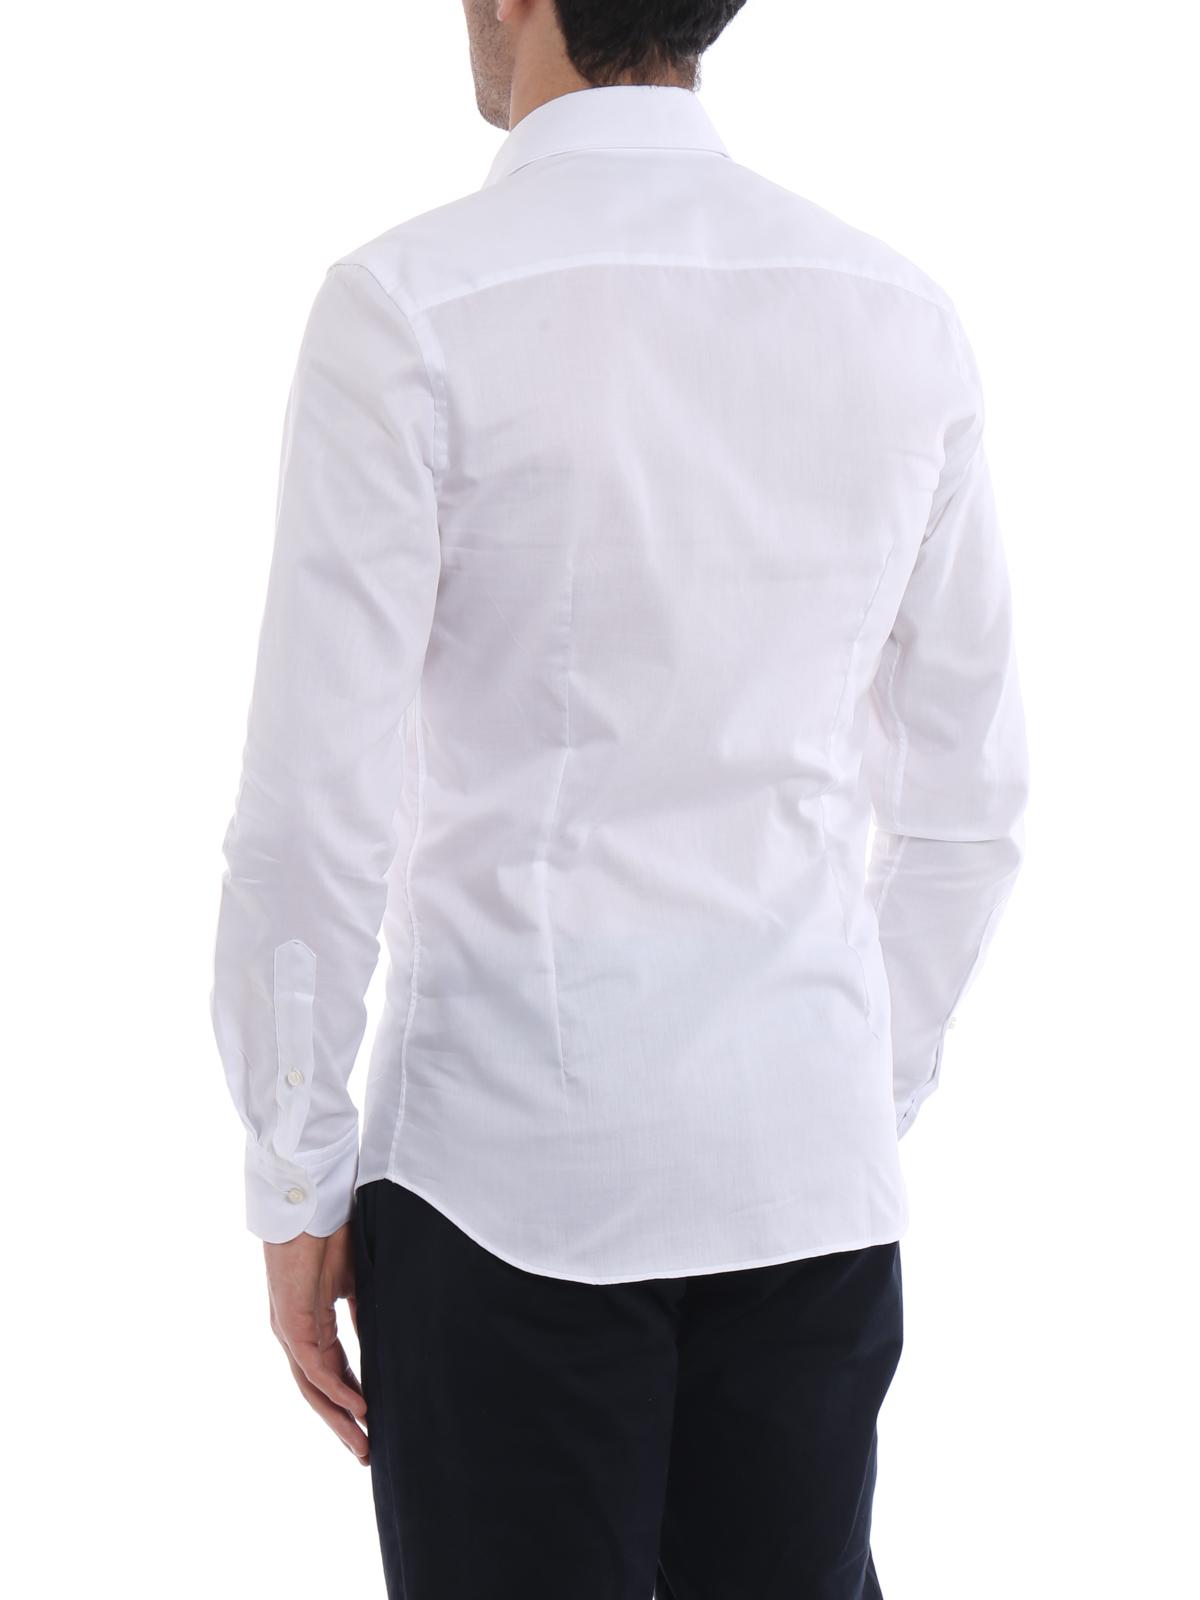 sale retailer 03d30 a0634 Fay - Camicia bianca in garza di cotone - camicie ...